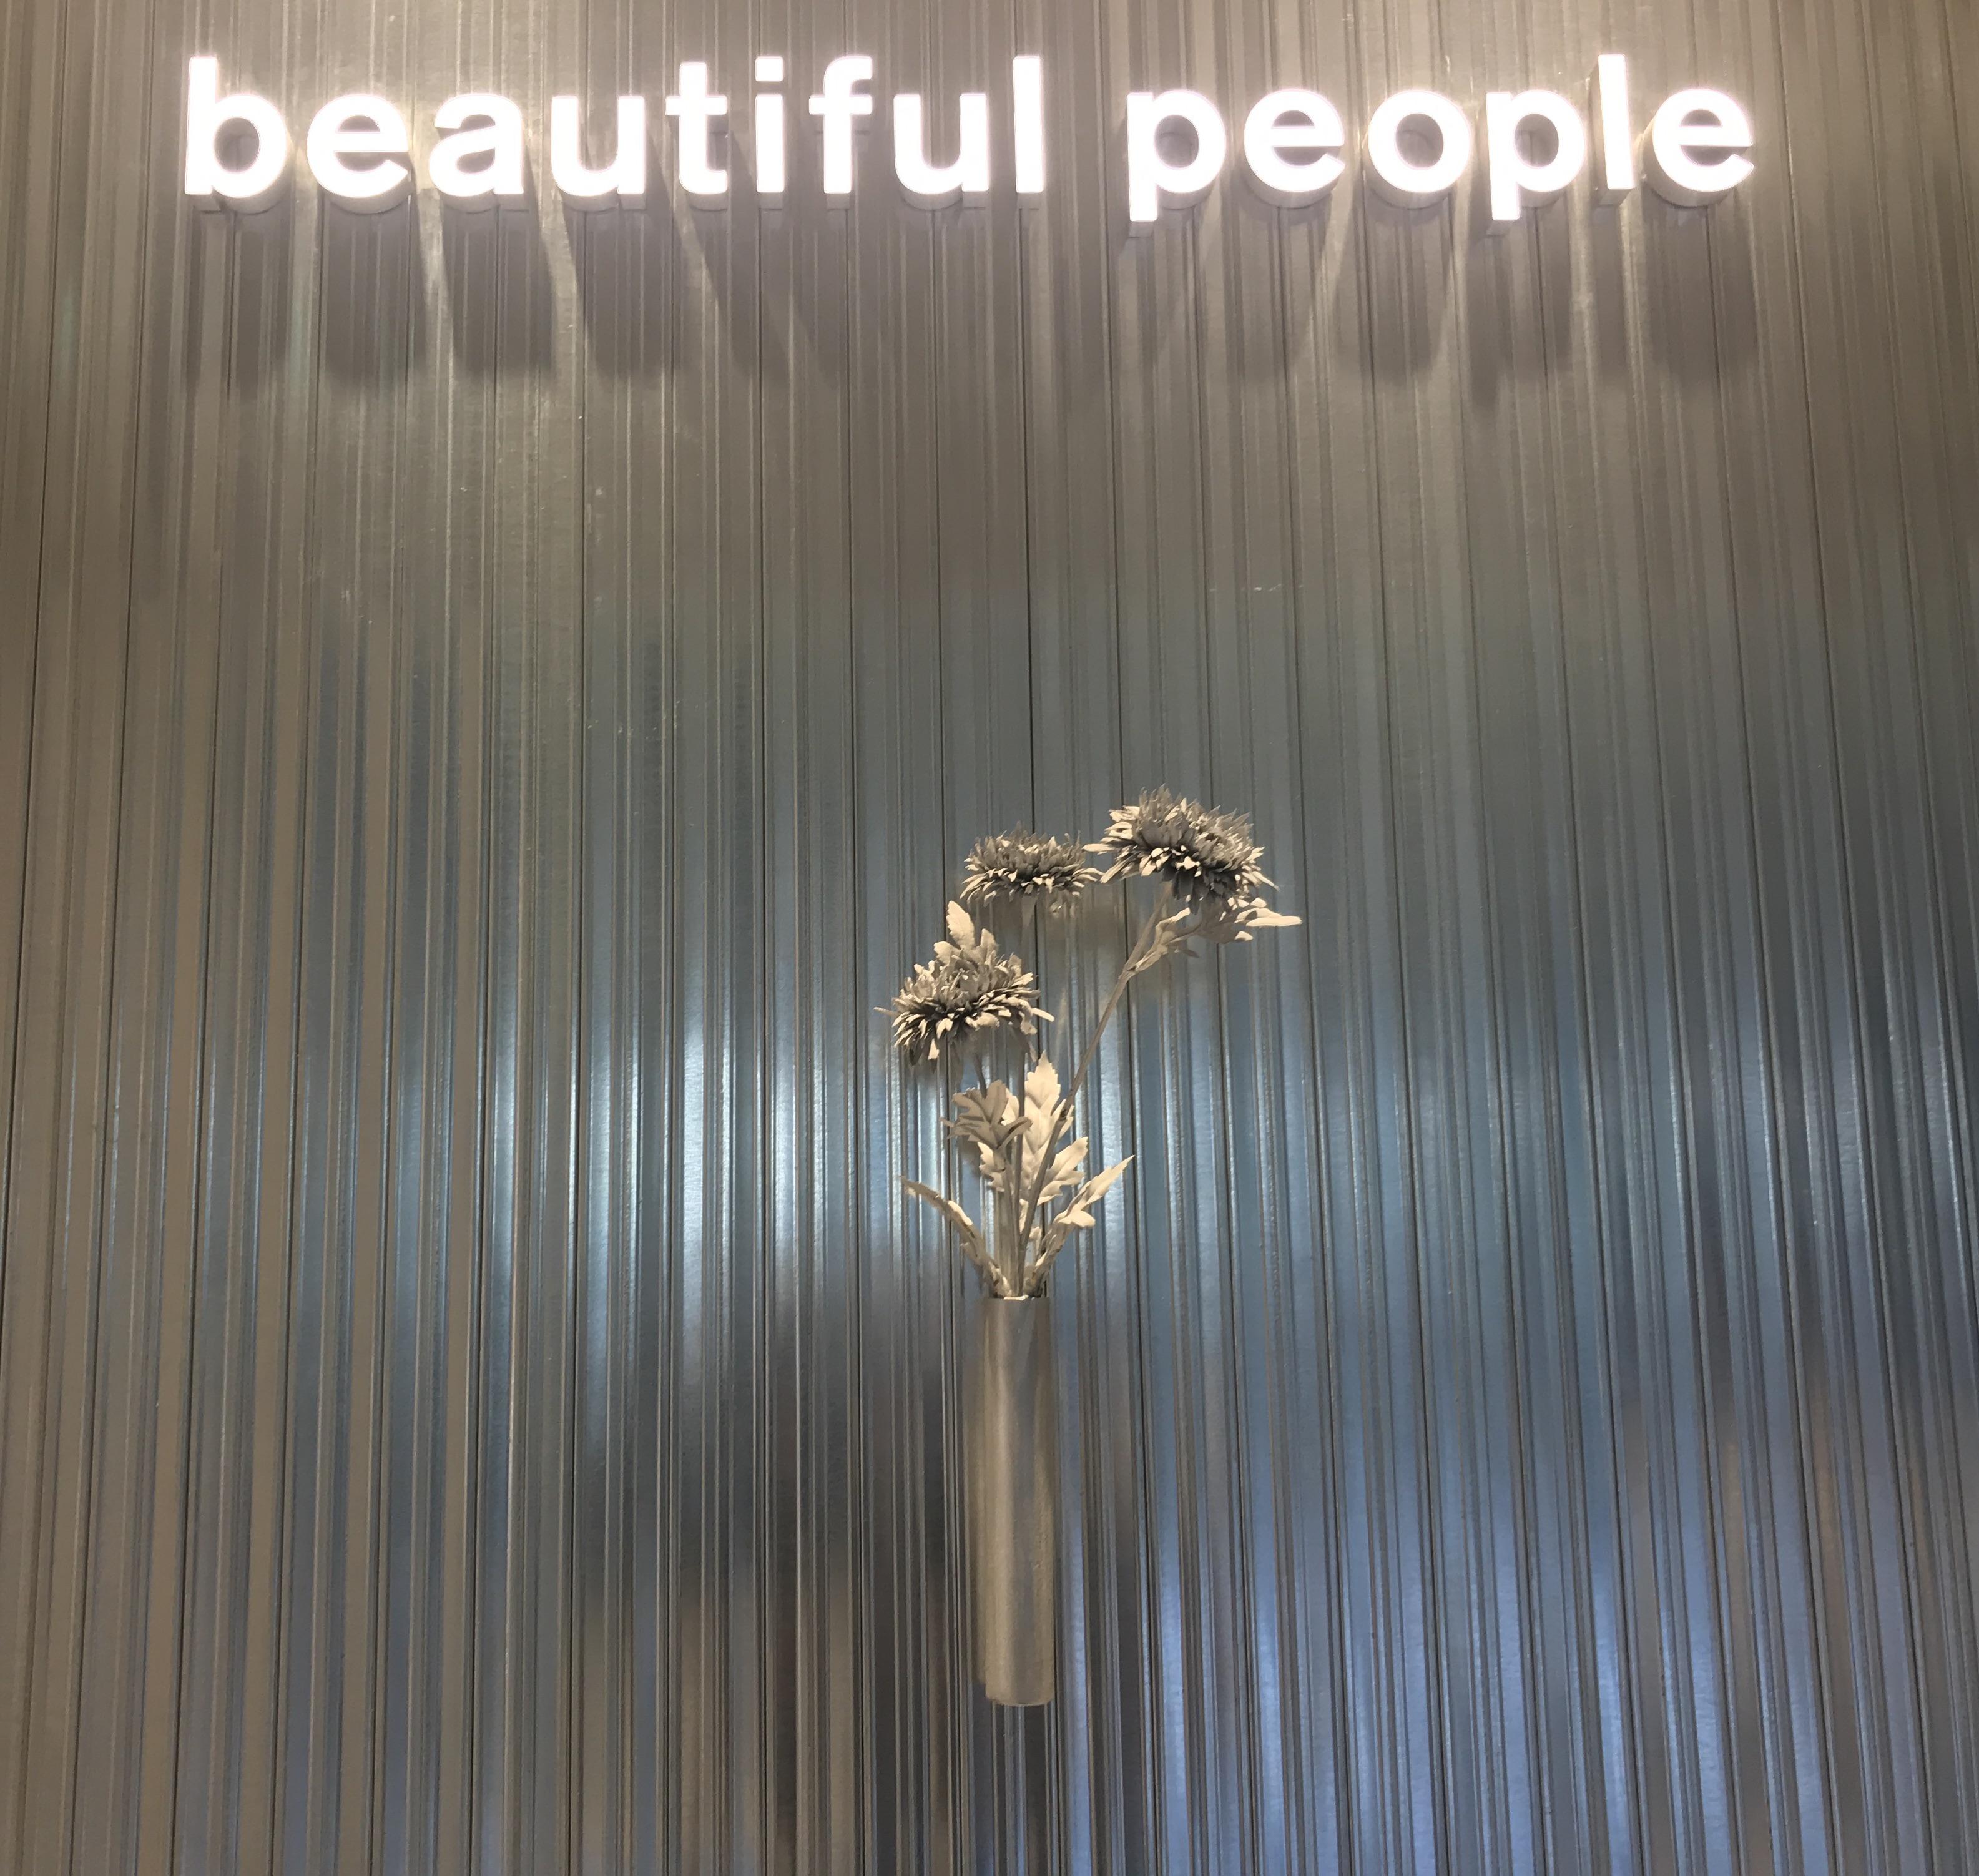 渋谷パルコ🌟『beautiful people』の限定クリアショッパーをゲットせよ♡